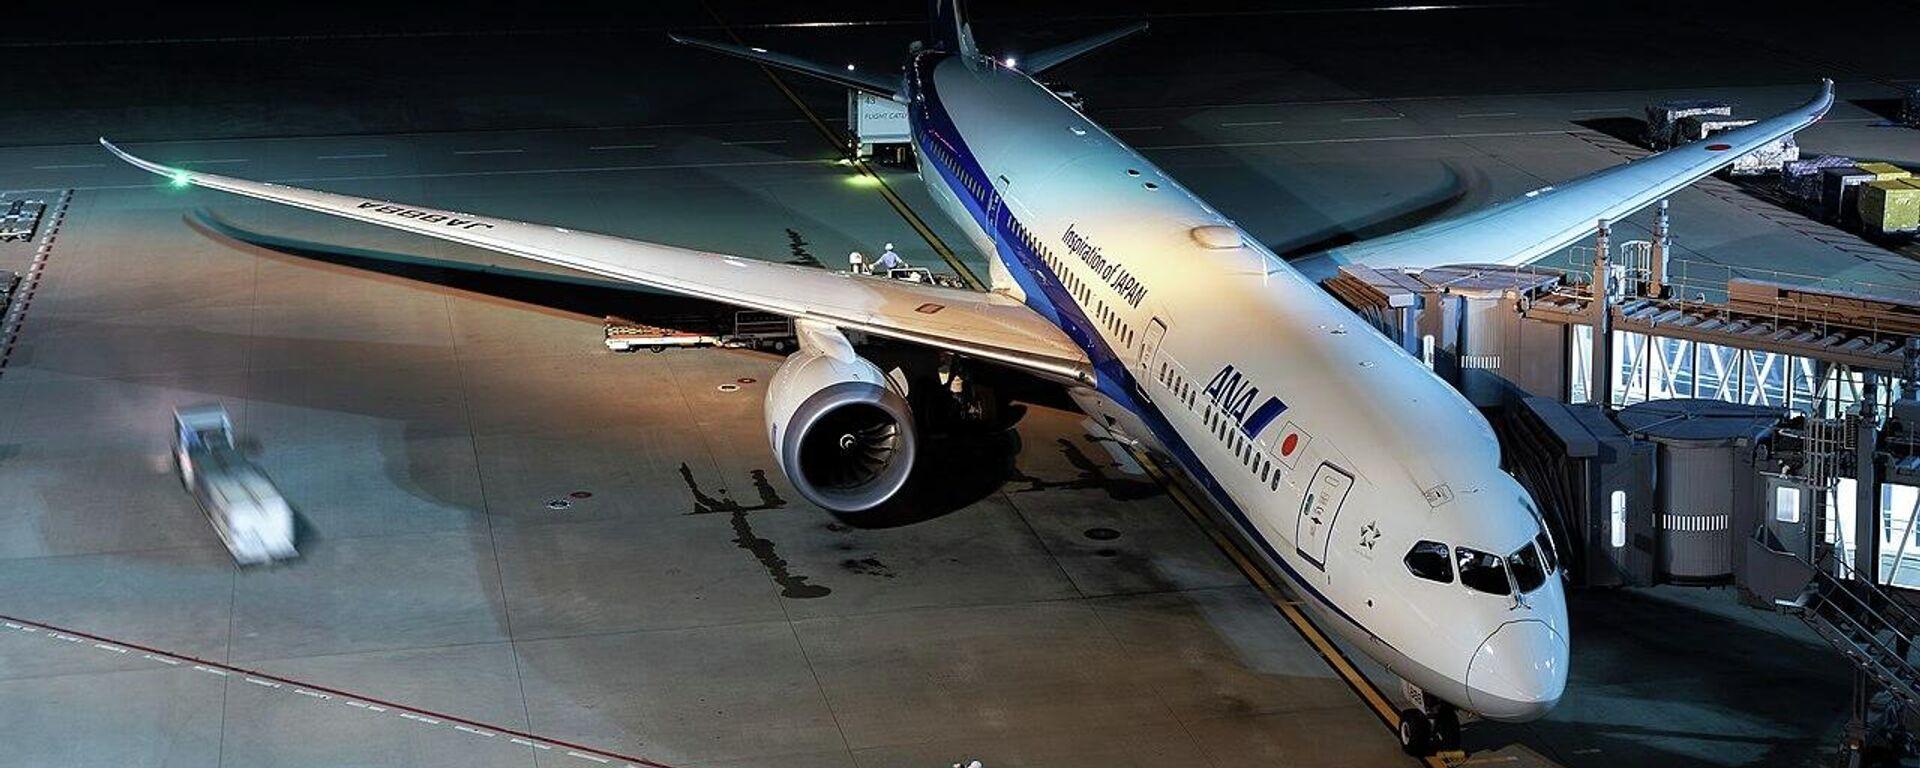 Boeing 787-9 der japanischen Fluggesellschaft All Nippon Airways (Archivbild) - SNA, 1920, 15.06.2021